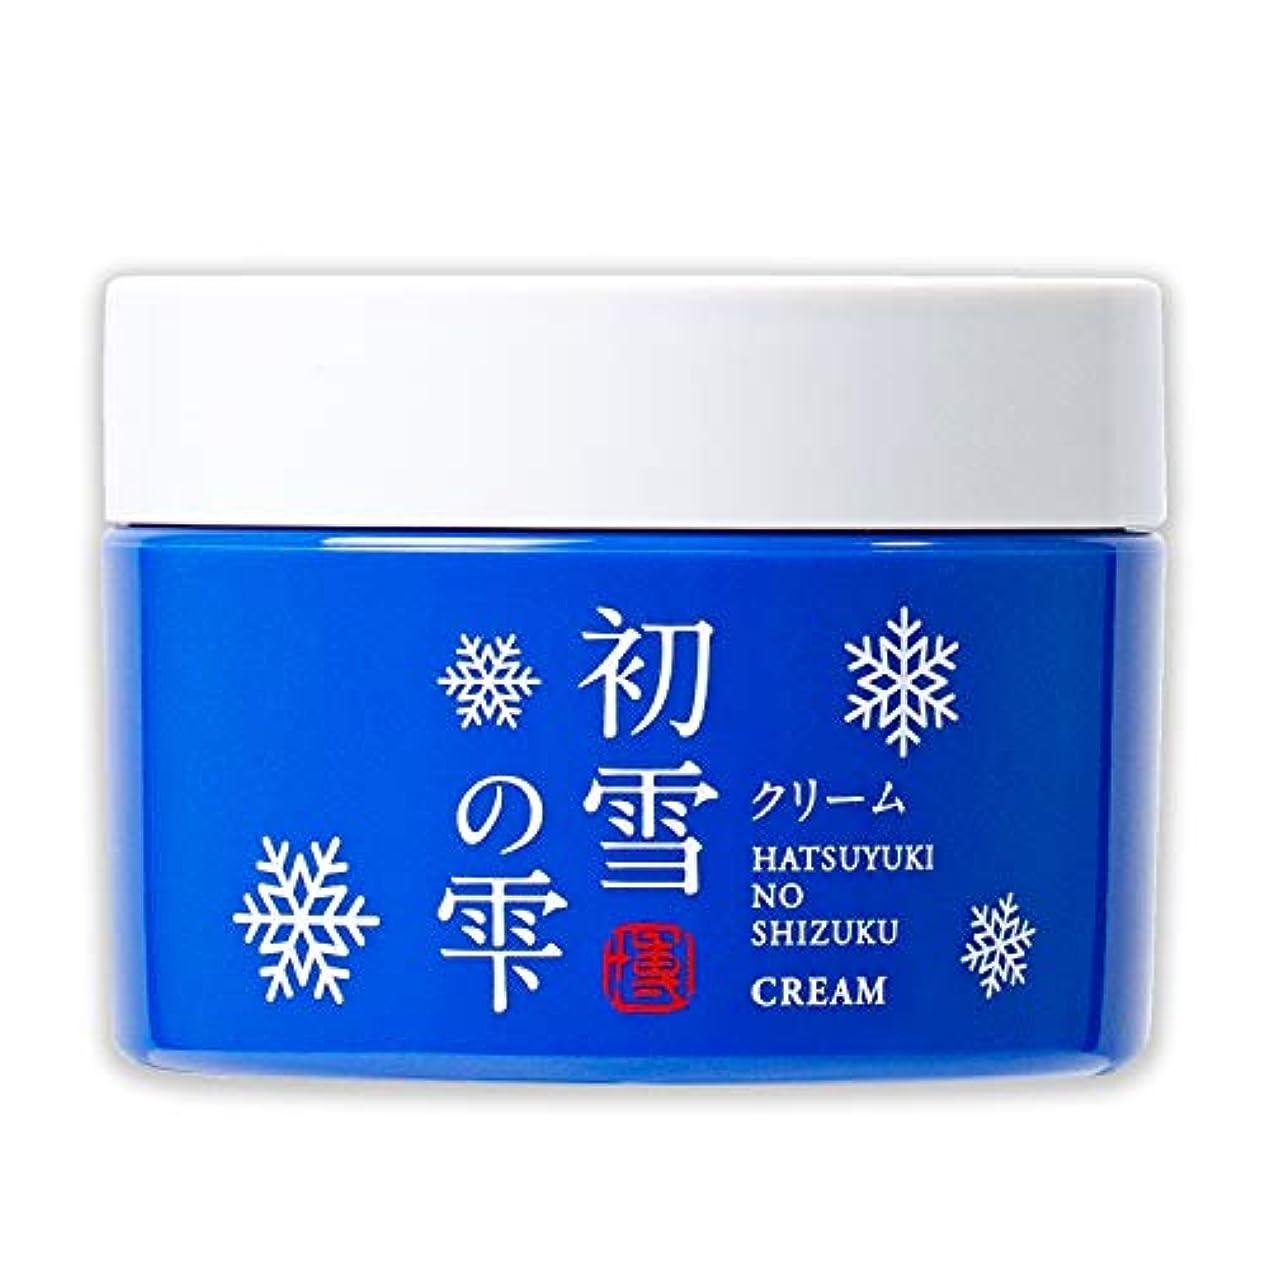 販売計画行レーダー初雪の雫 オールインワン 保湿 クリーム 50g 約1~1.5ヶ月分 [プラセンタ ヒアルロン酸 セラミド アルブチン ビタミンC ]